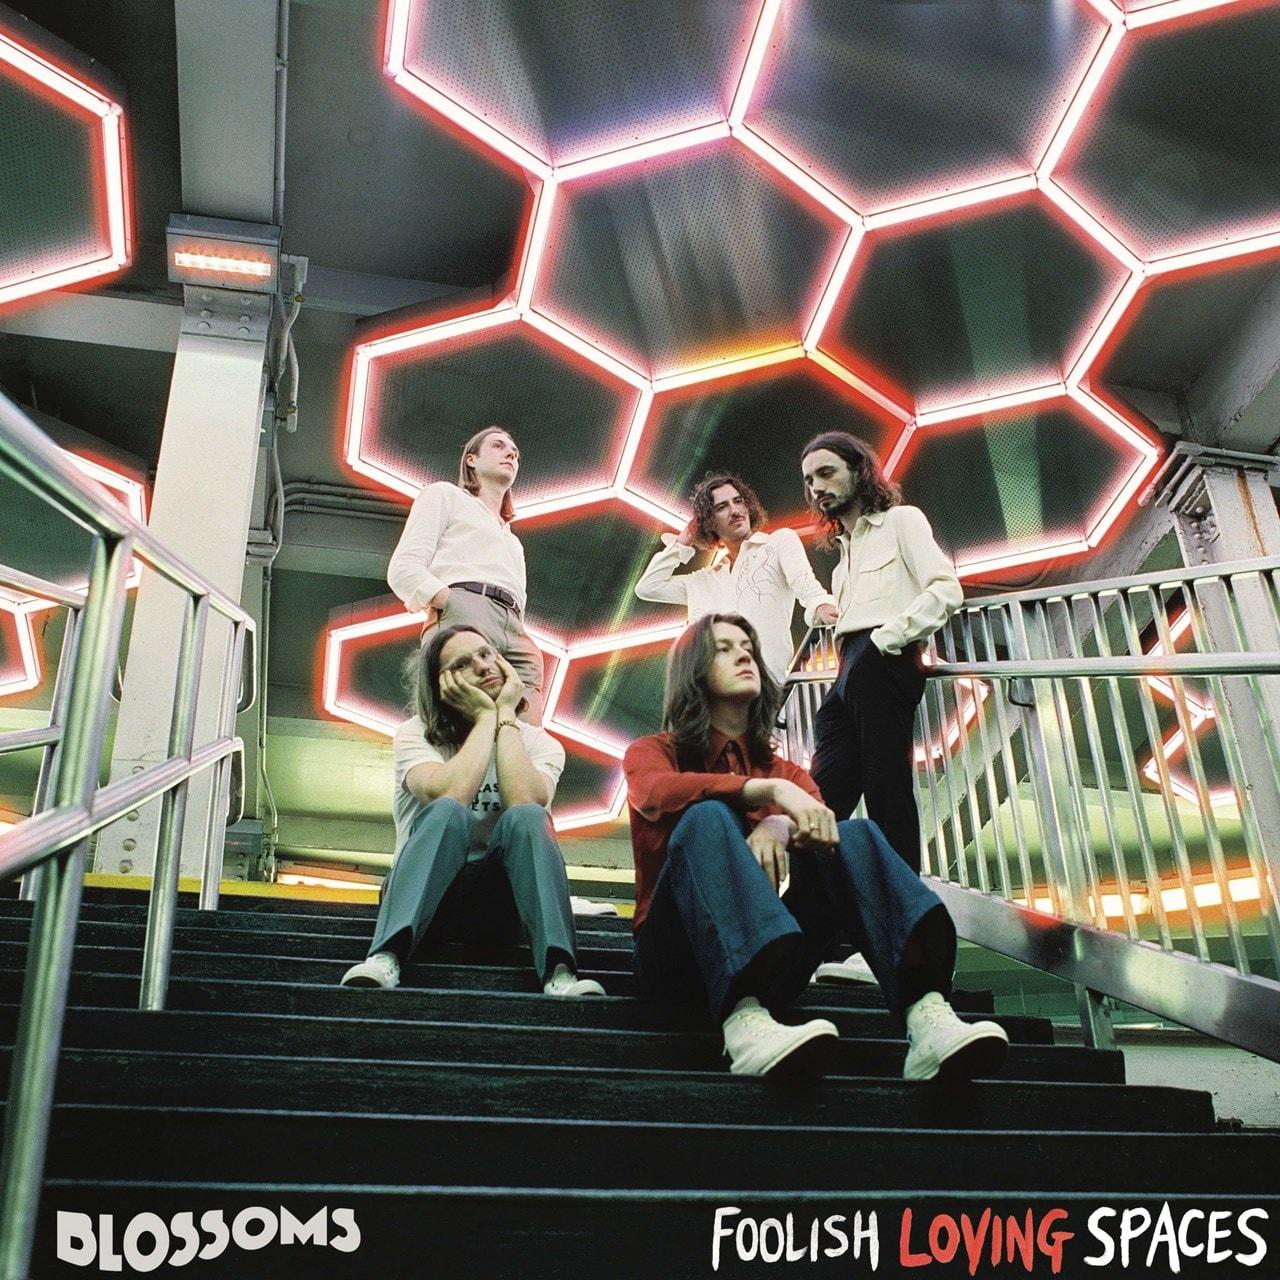 Foolish Loving Spaces - 1